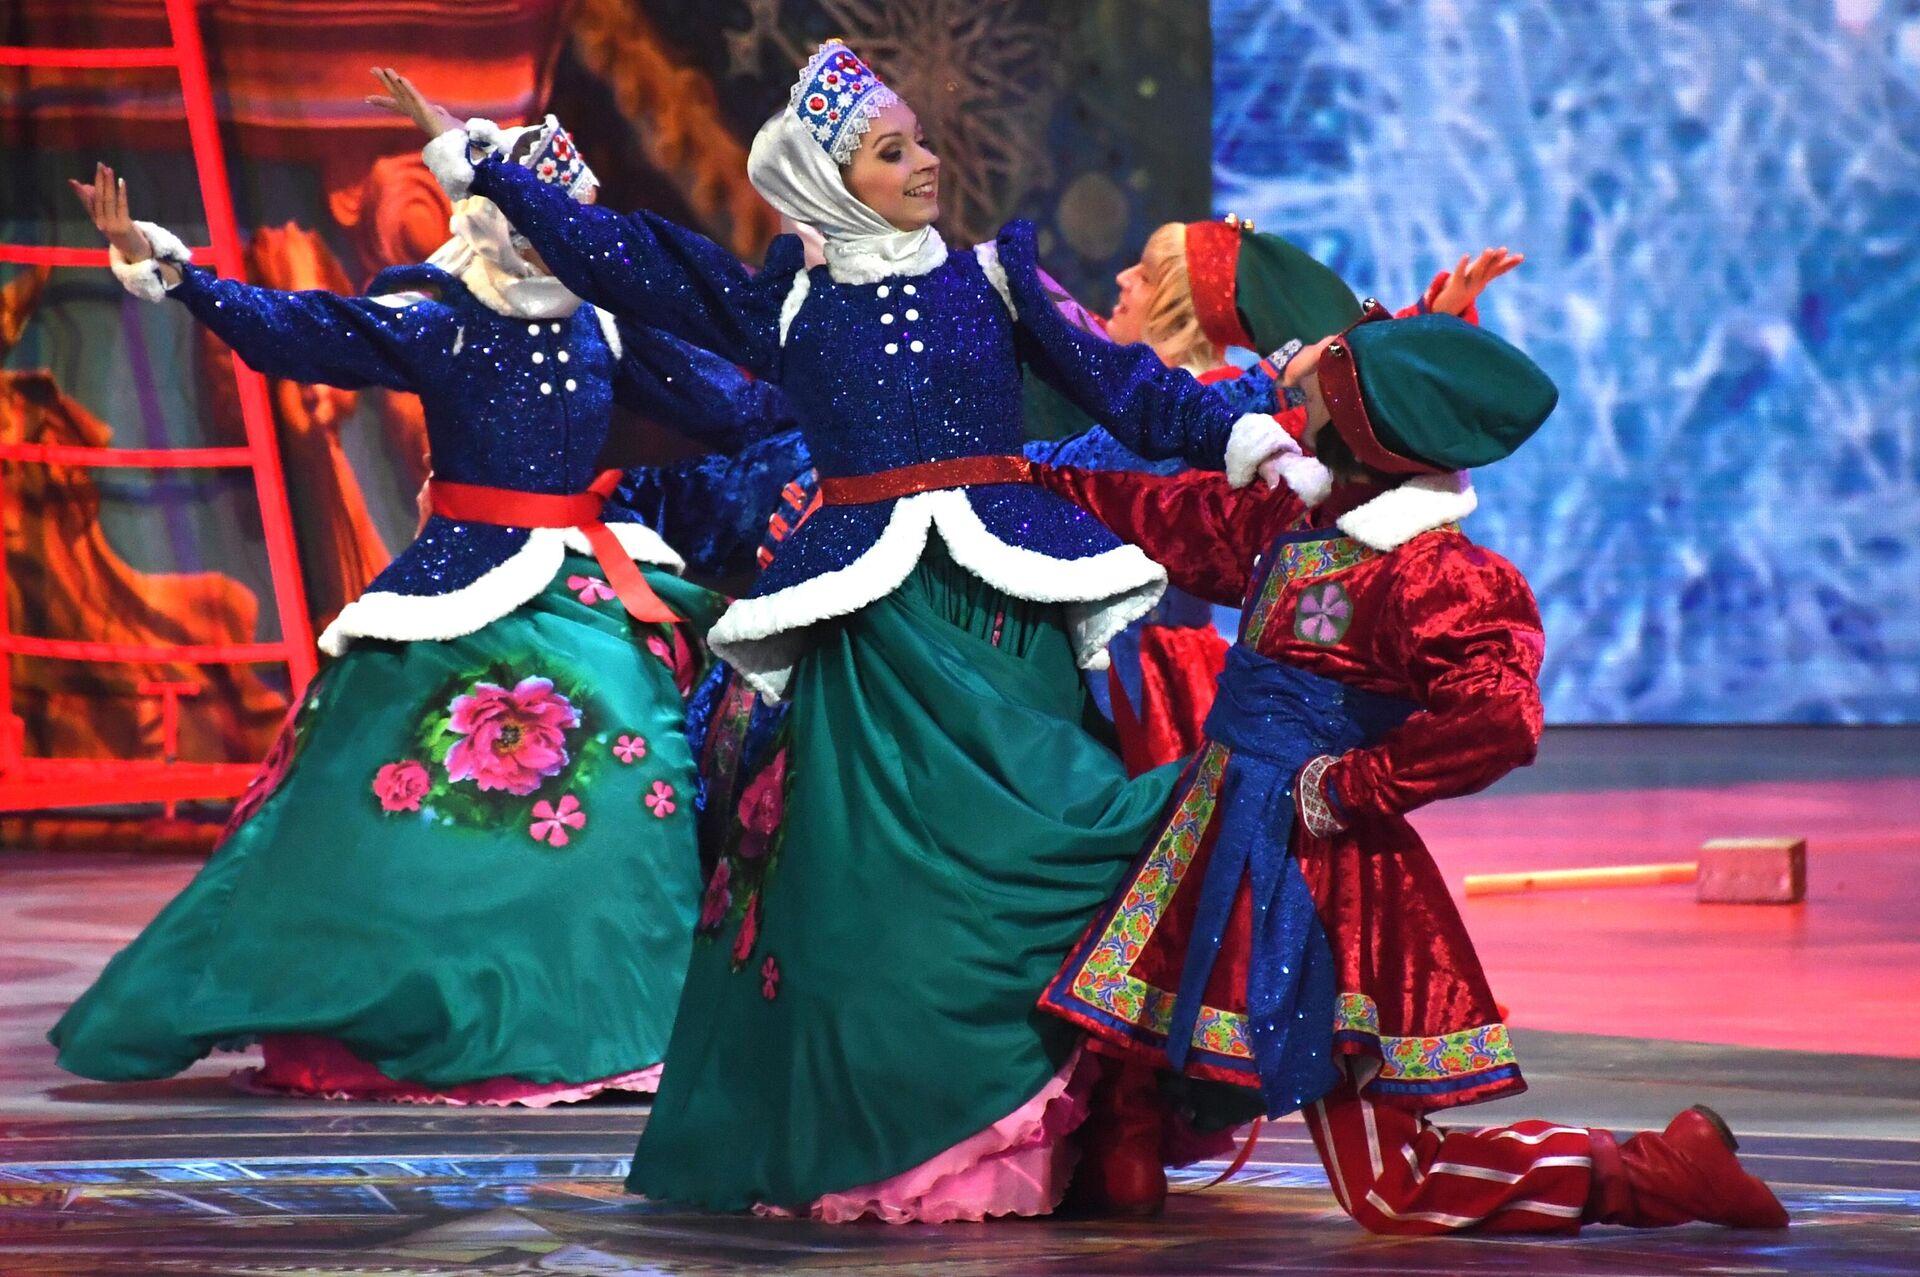 Новогодний спектакль в Государственном Кремлевском Дворце - РИА Новости, 1920, 25.12.2020